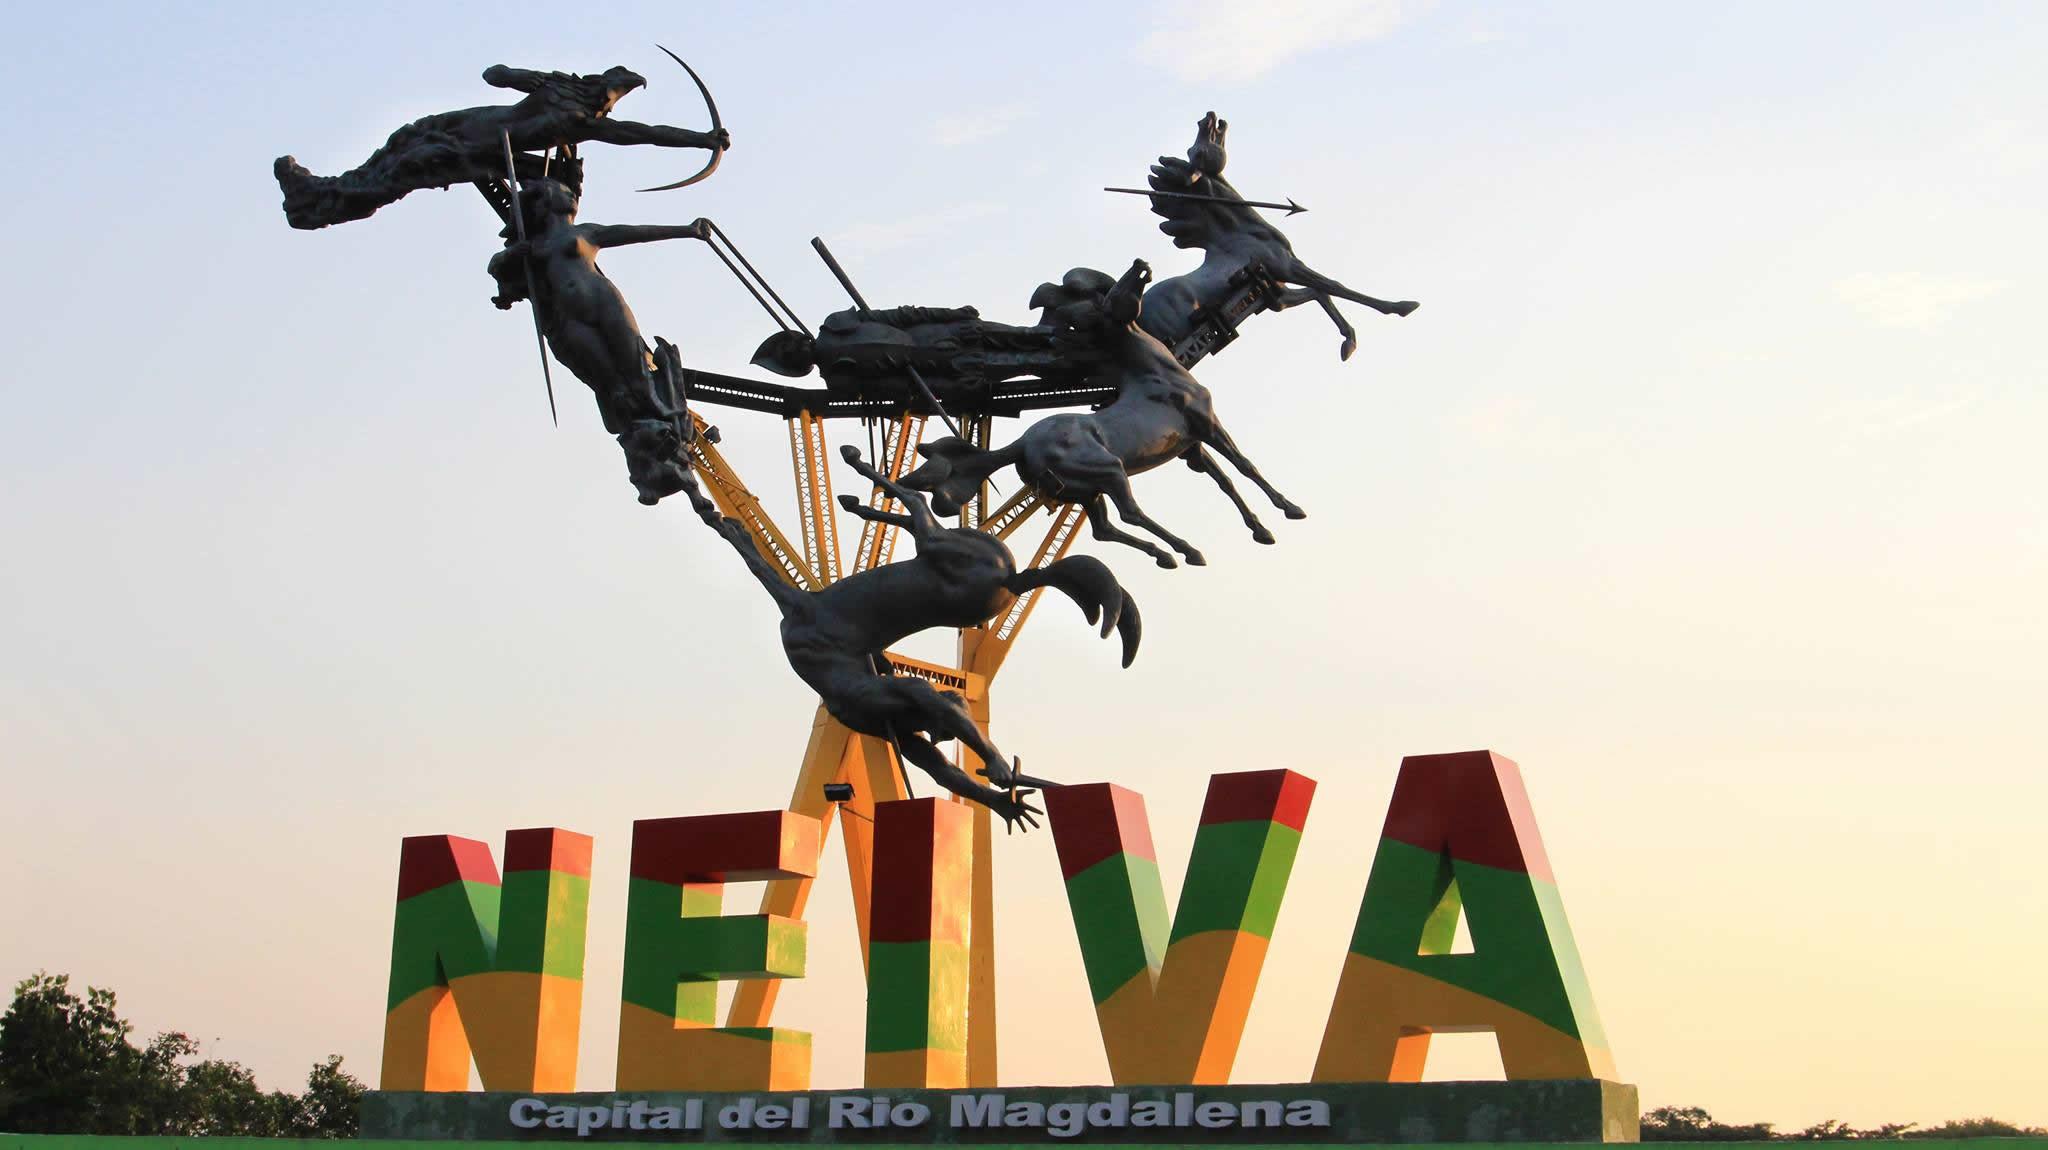 Monumento la gaitana nueva zona wifi gratis de neiva